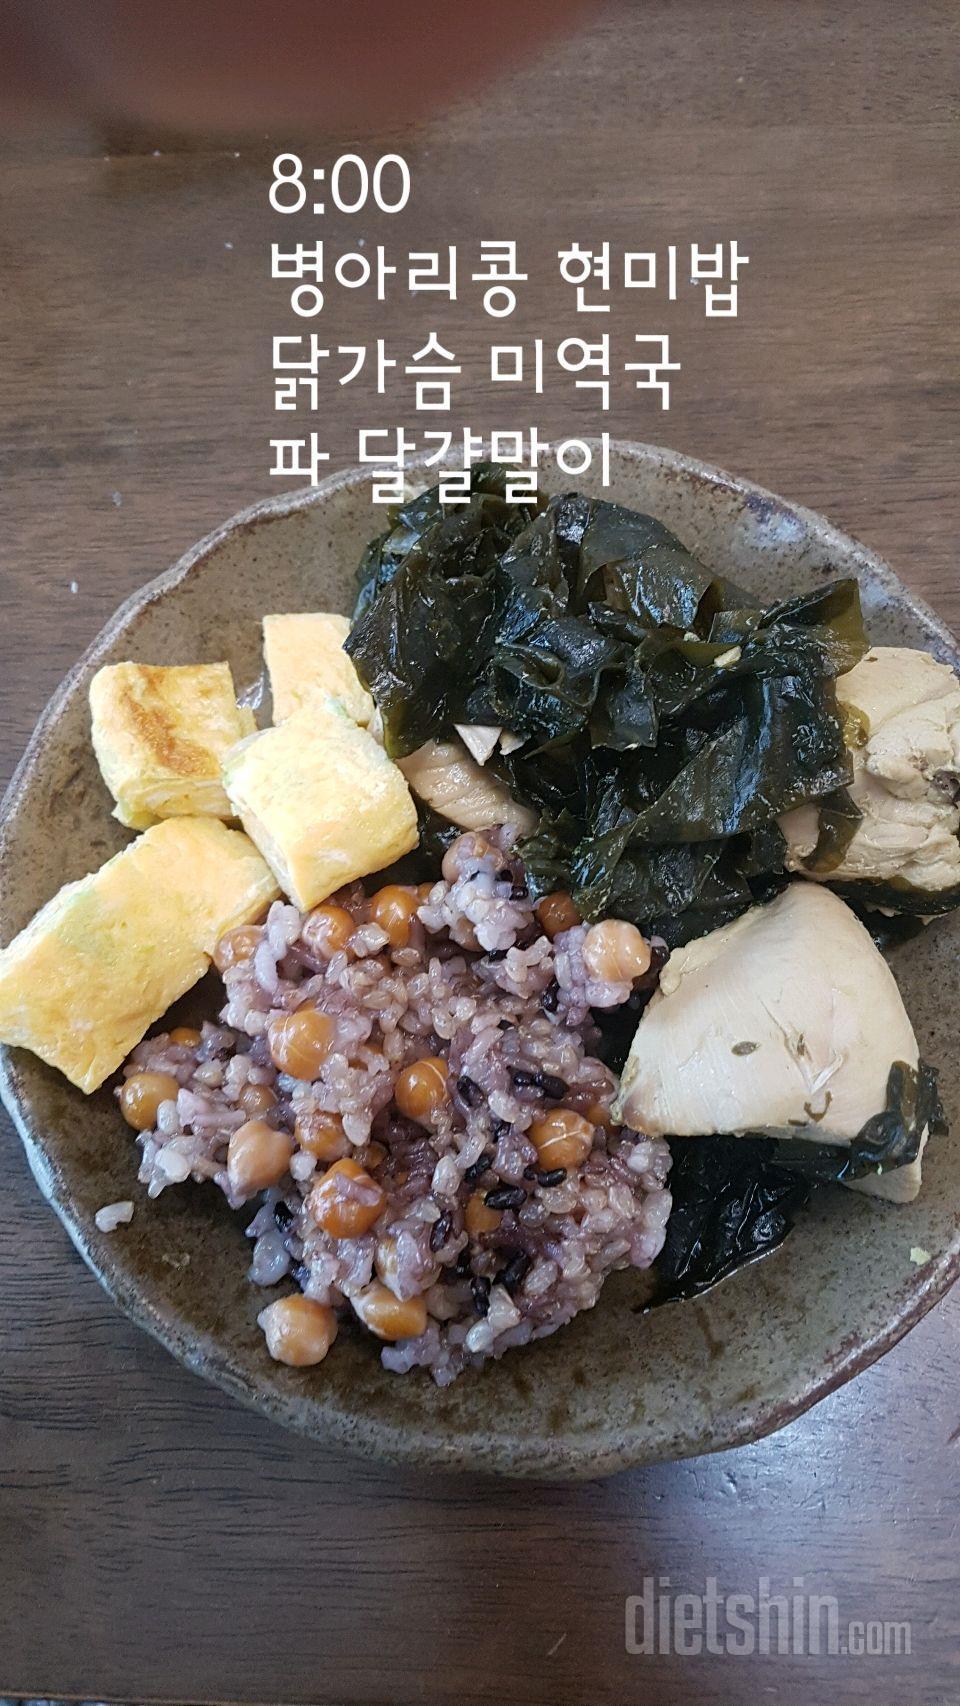 14일차<공복체중 -1.6kg> 아침식사